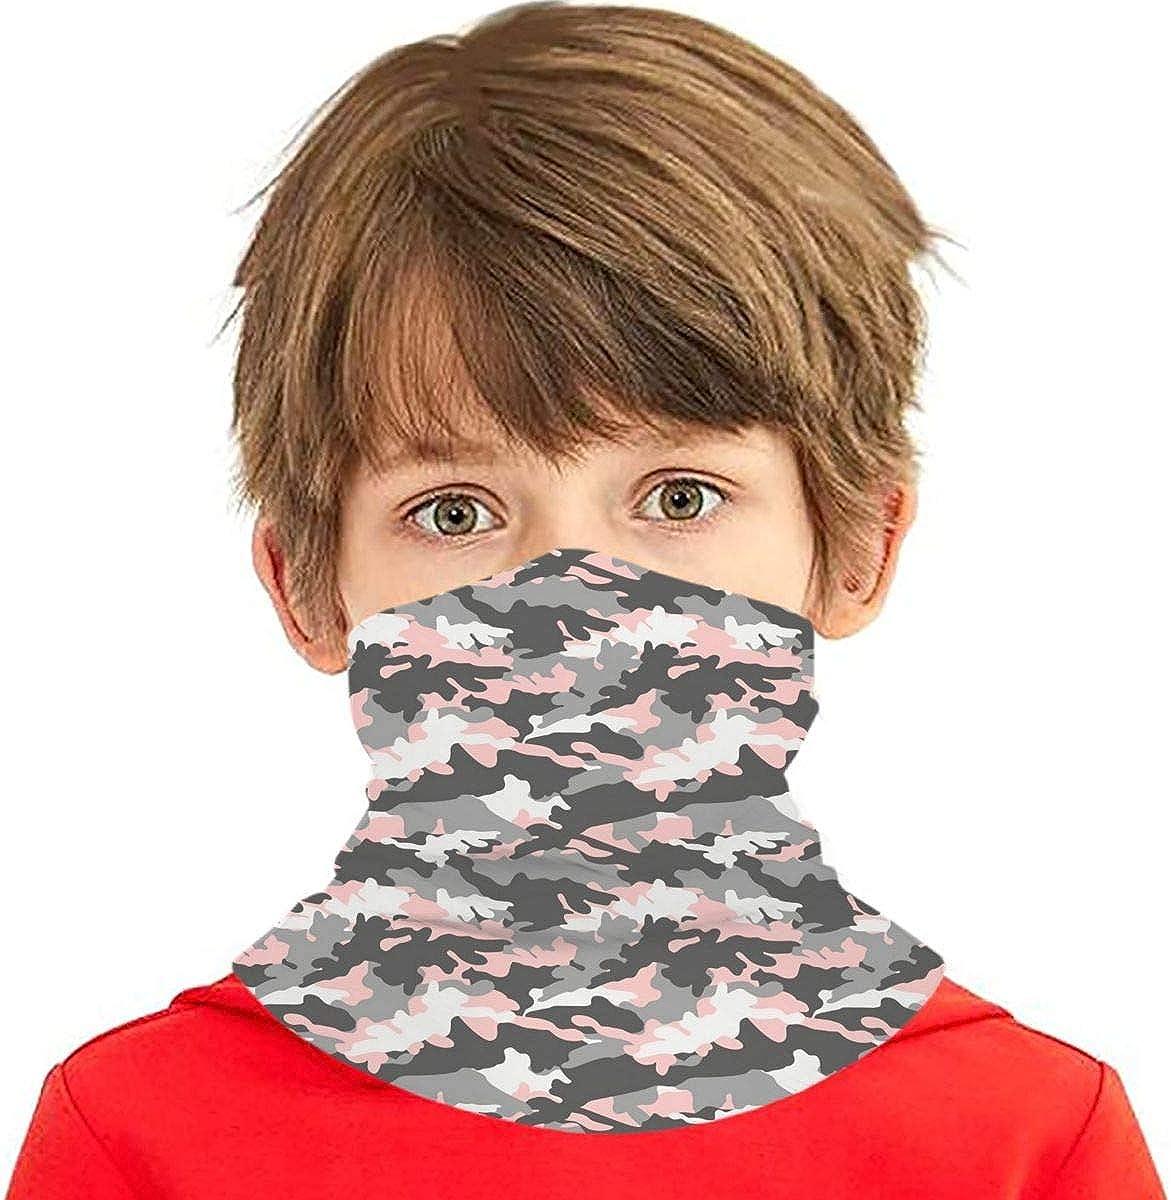 Boys Girls Neck Gaiters Face Mask, Cooling Kids Bandana Scarf Anti Dust UV Protection Balaclavas